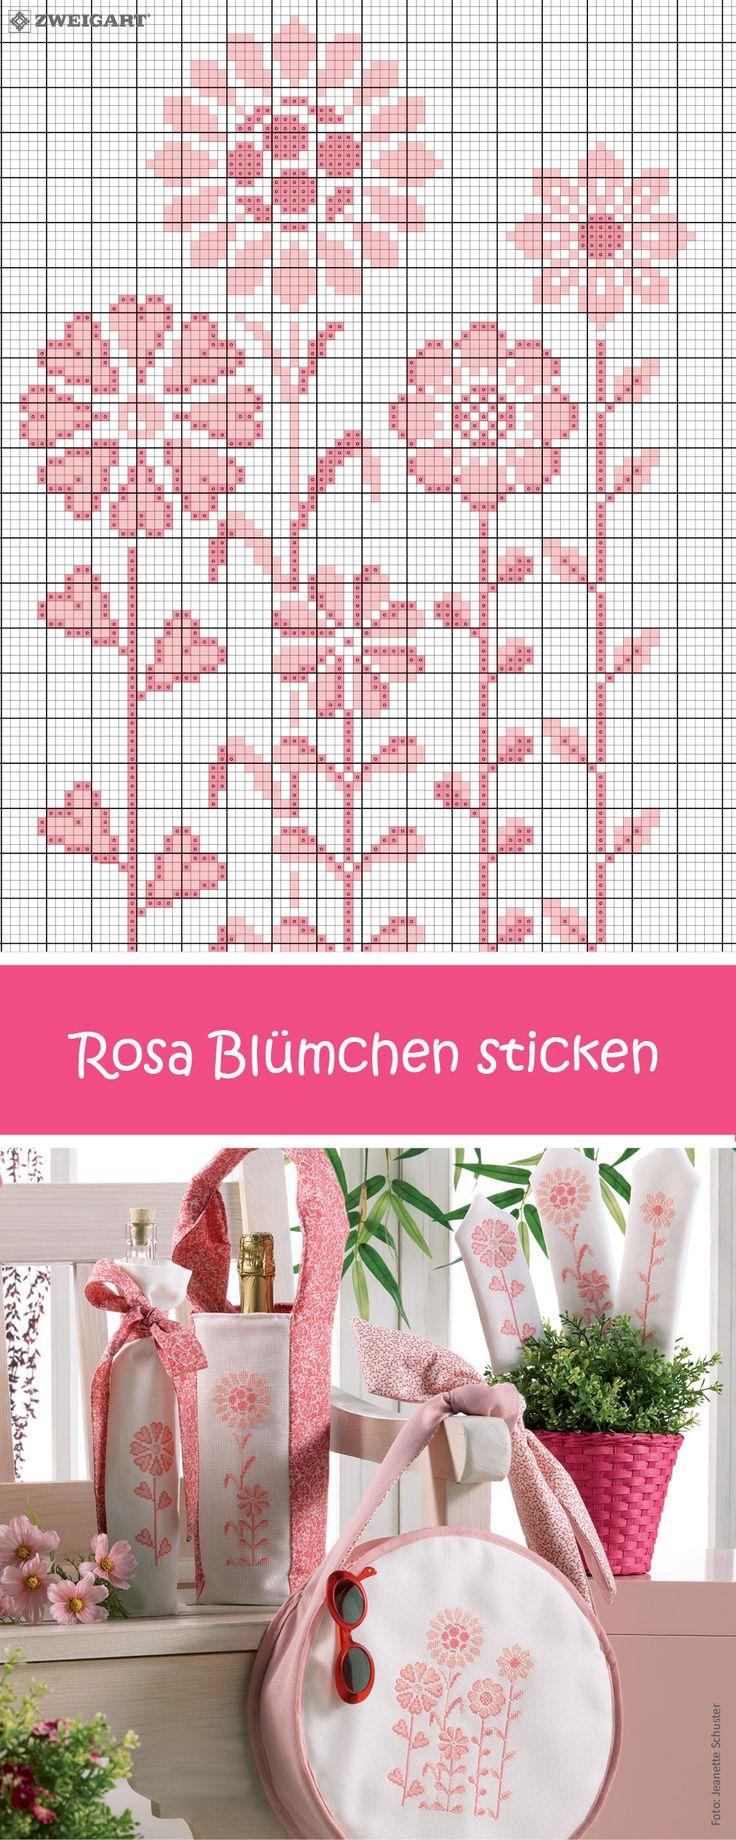 Rosa Blumen sticken – Entdecke zahlreiche kostenlose Charts zum Sticken!